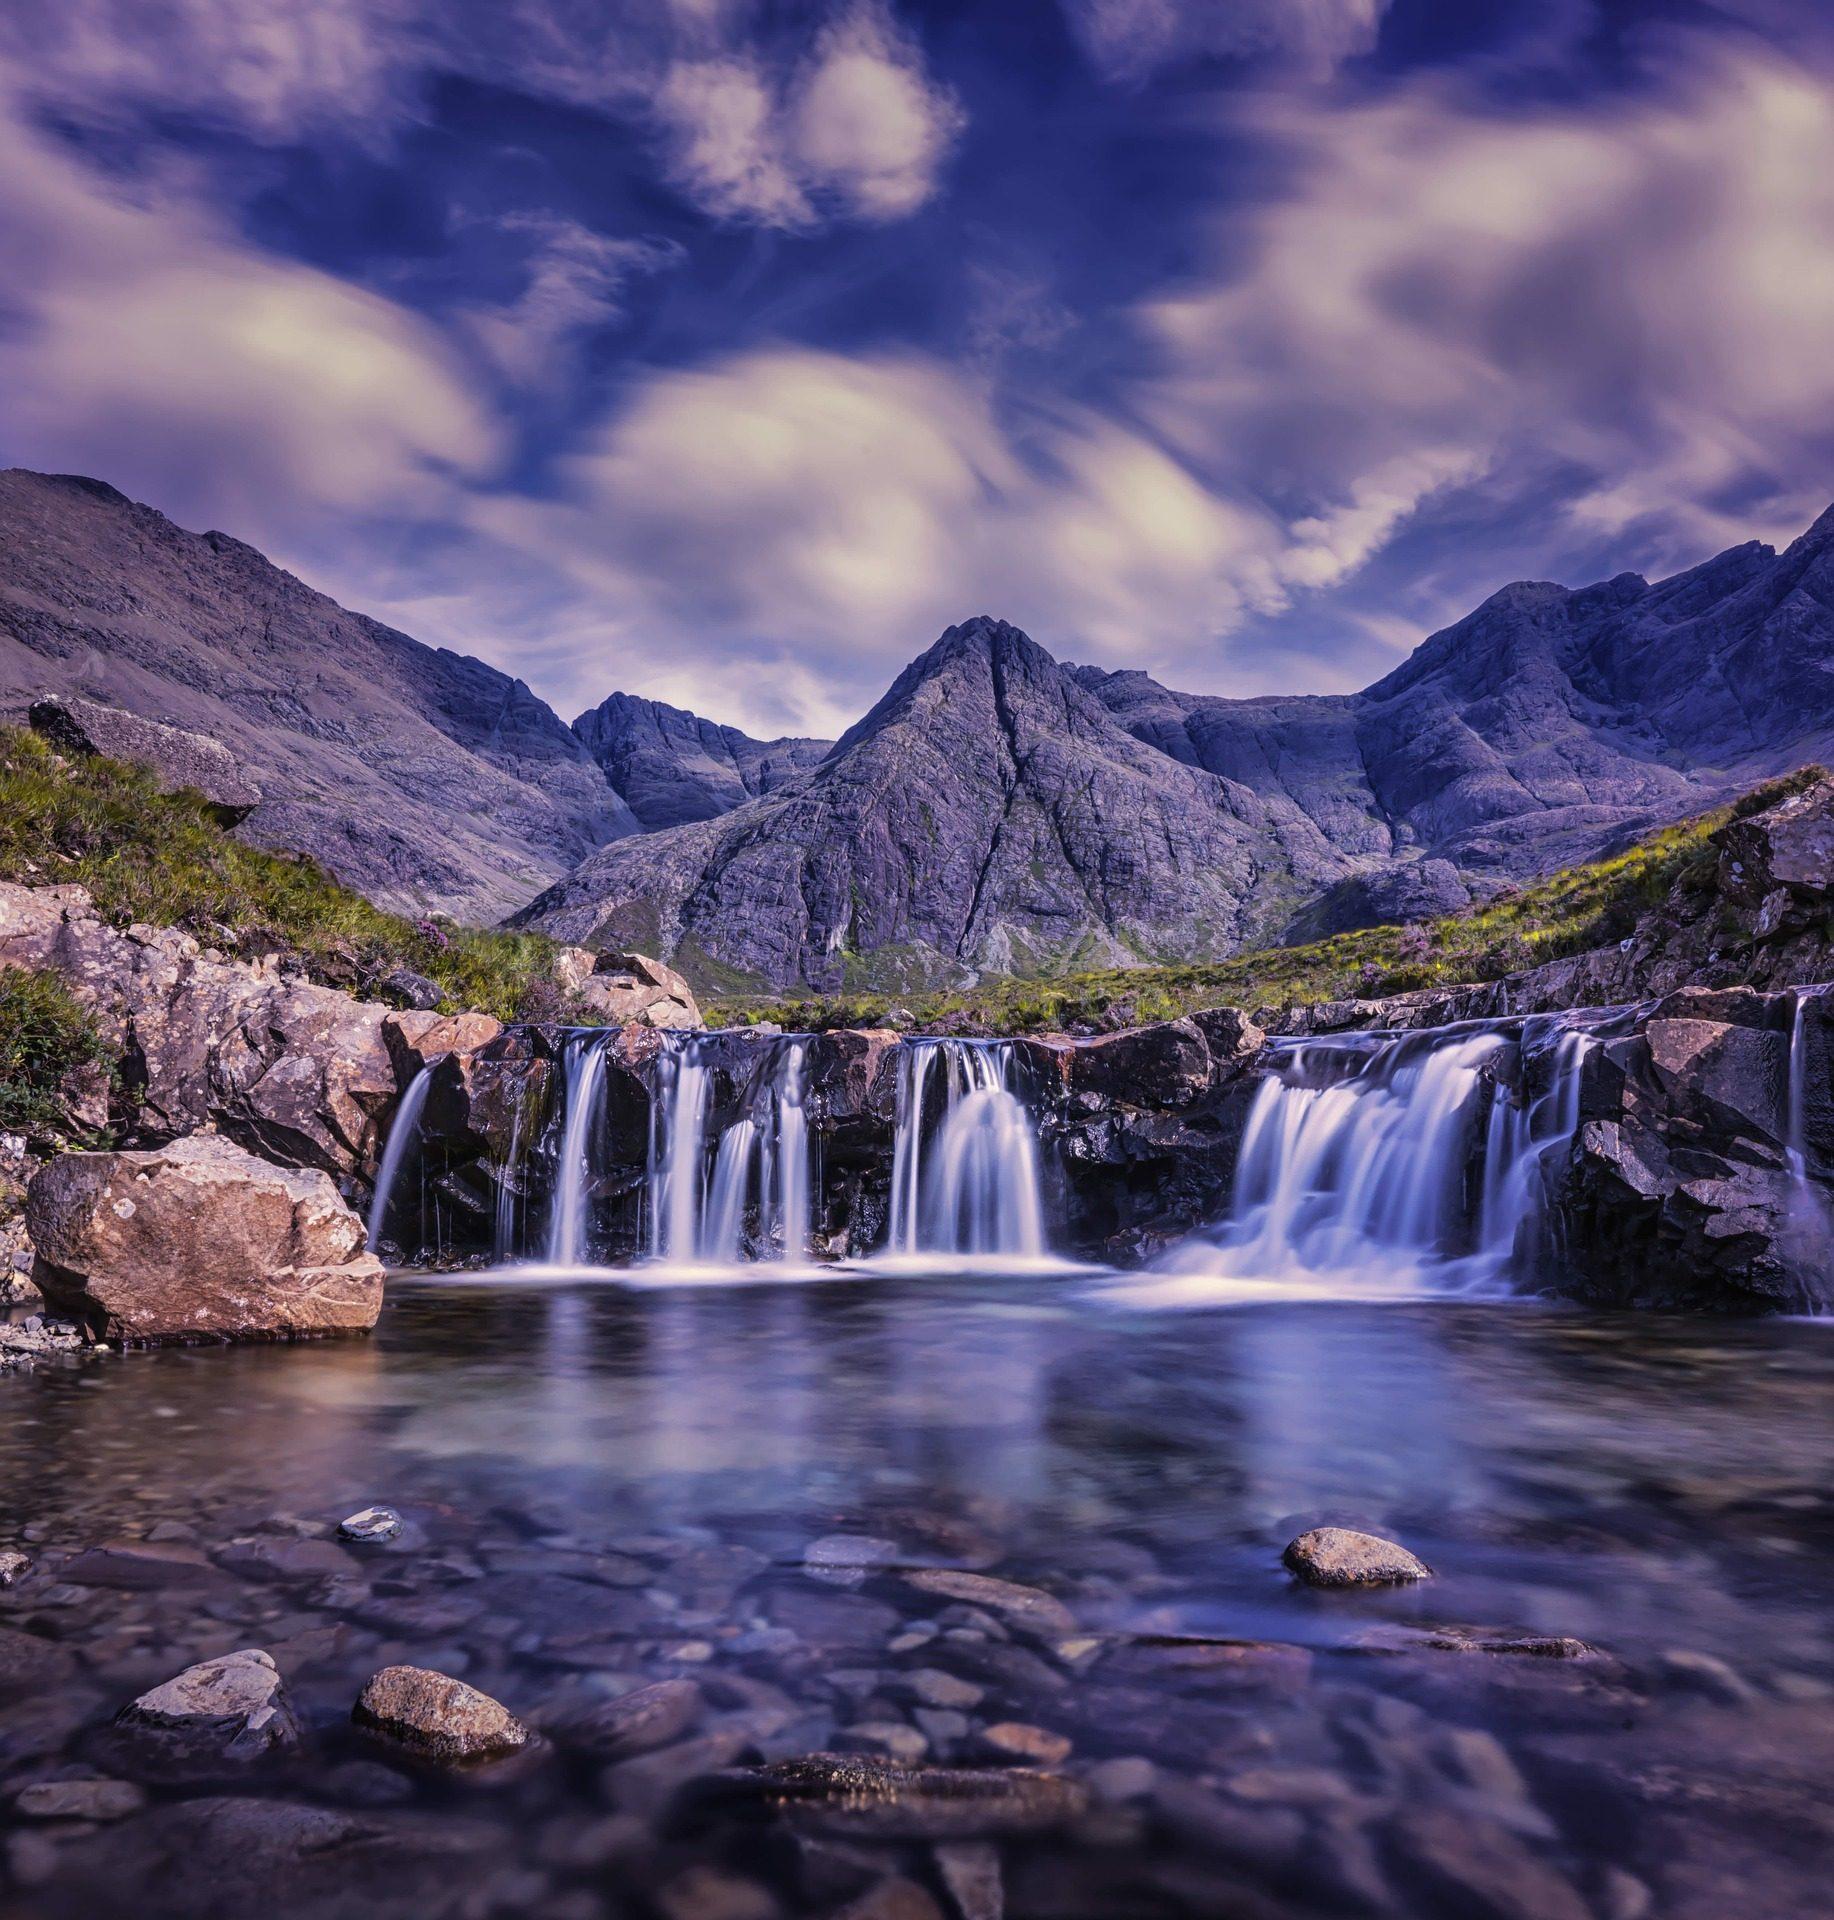 Cachoeira, montañas, água, Rio, Rocas, nuvens - Papéis de parede HD - Professor-falken.com